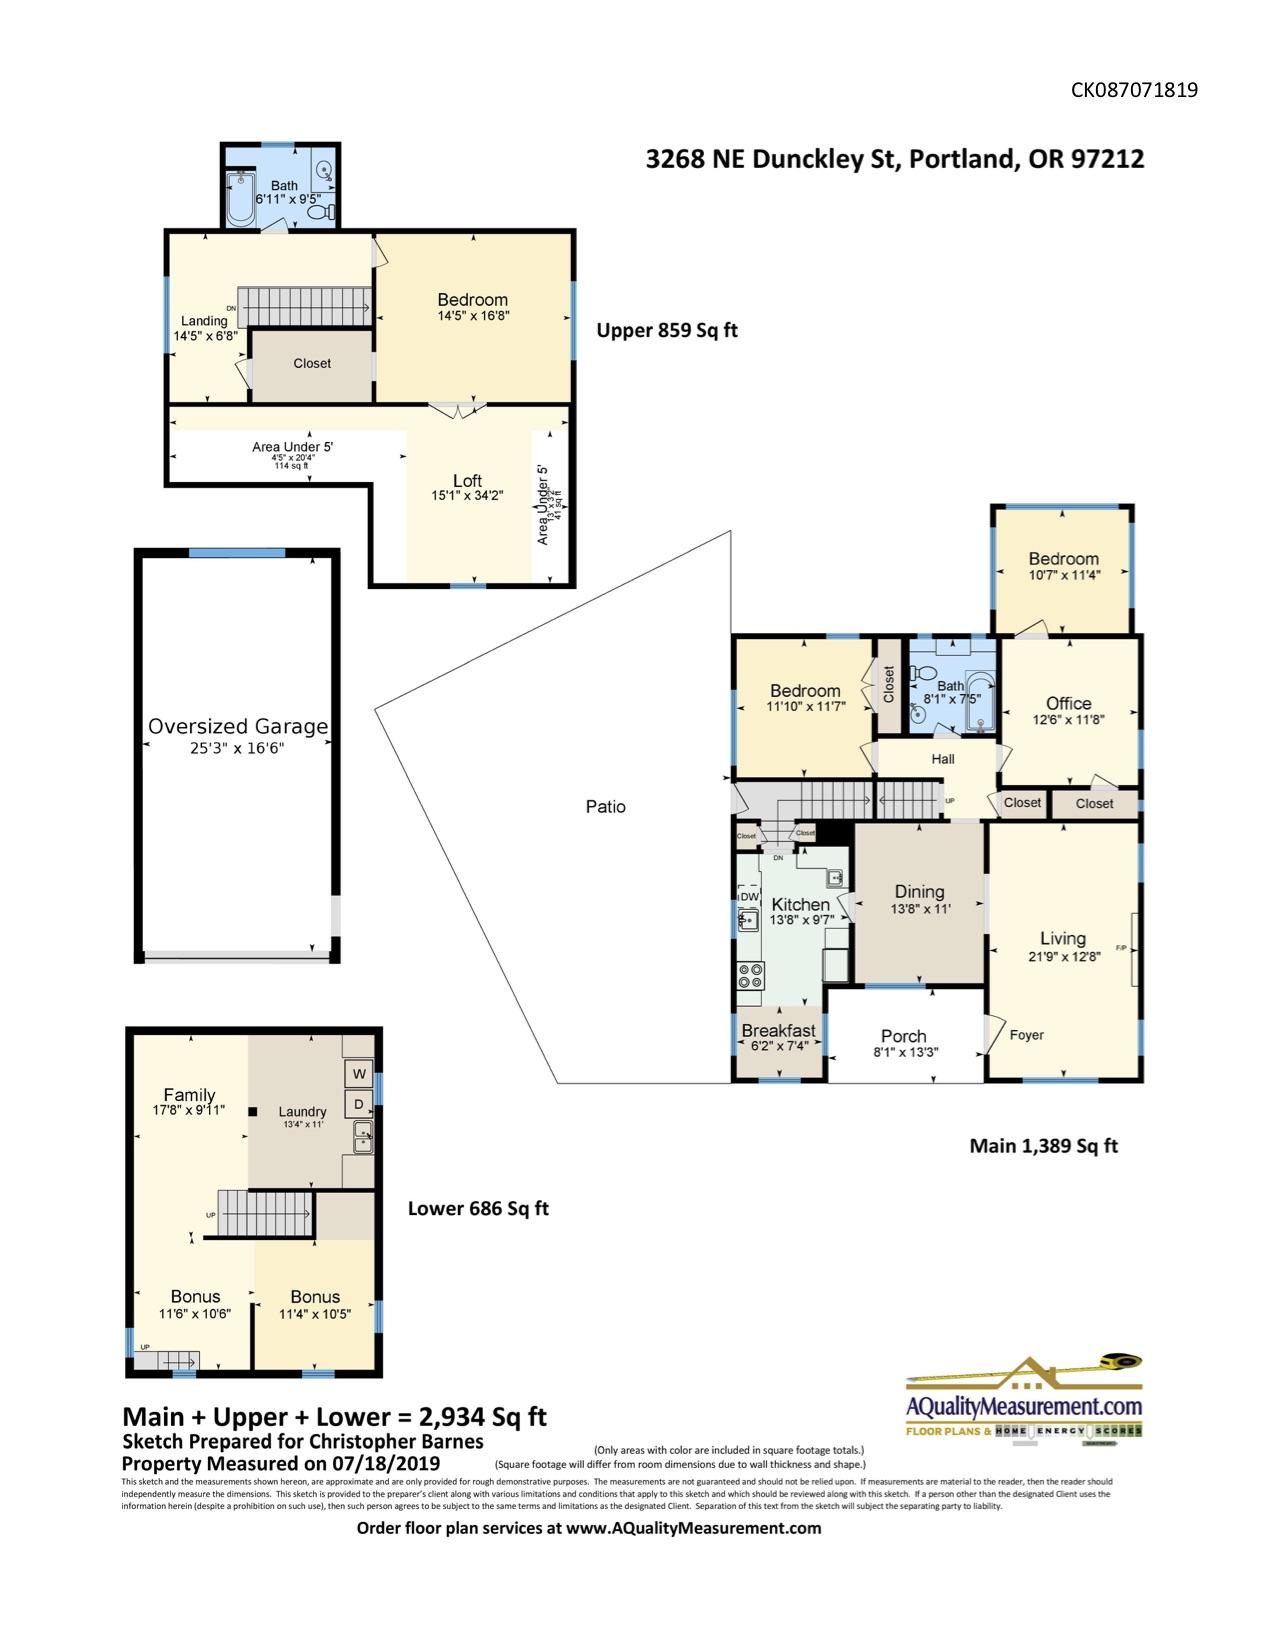 3268 NE Dunckley St - Floor Plan.jpg